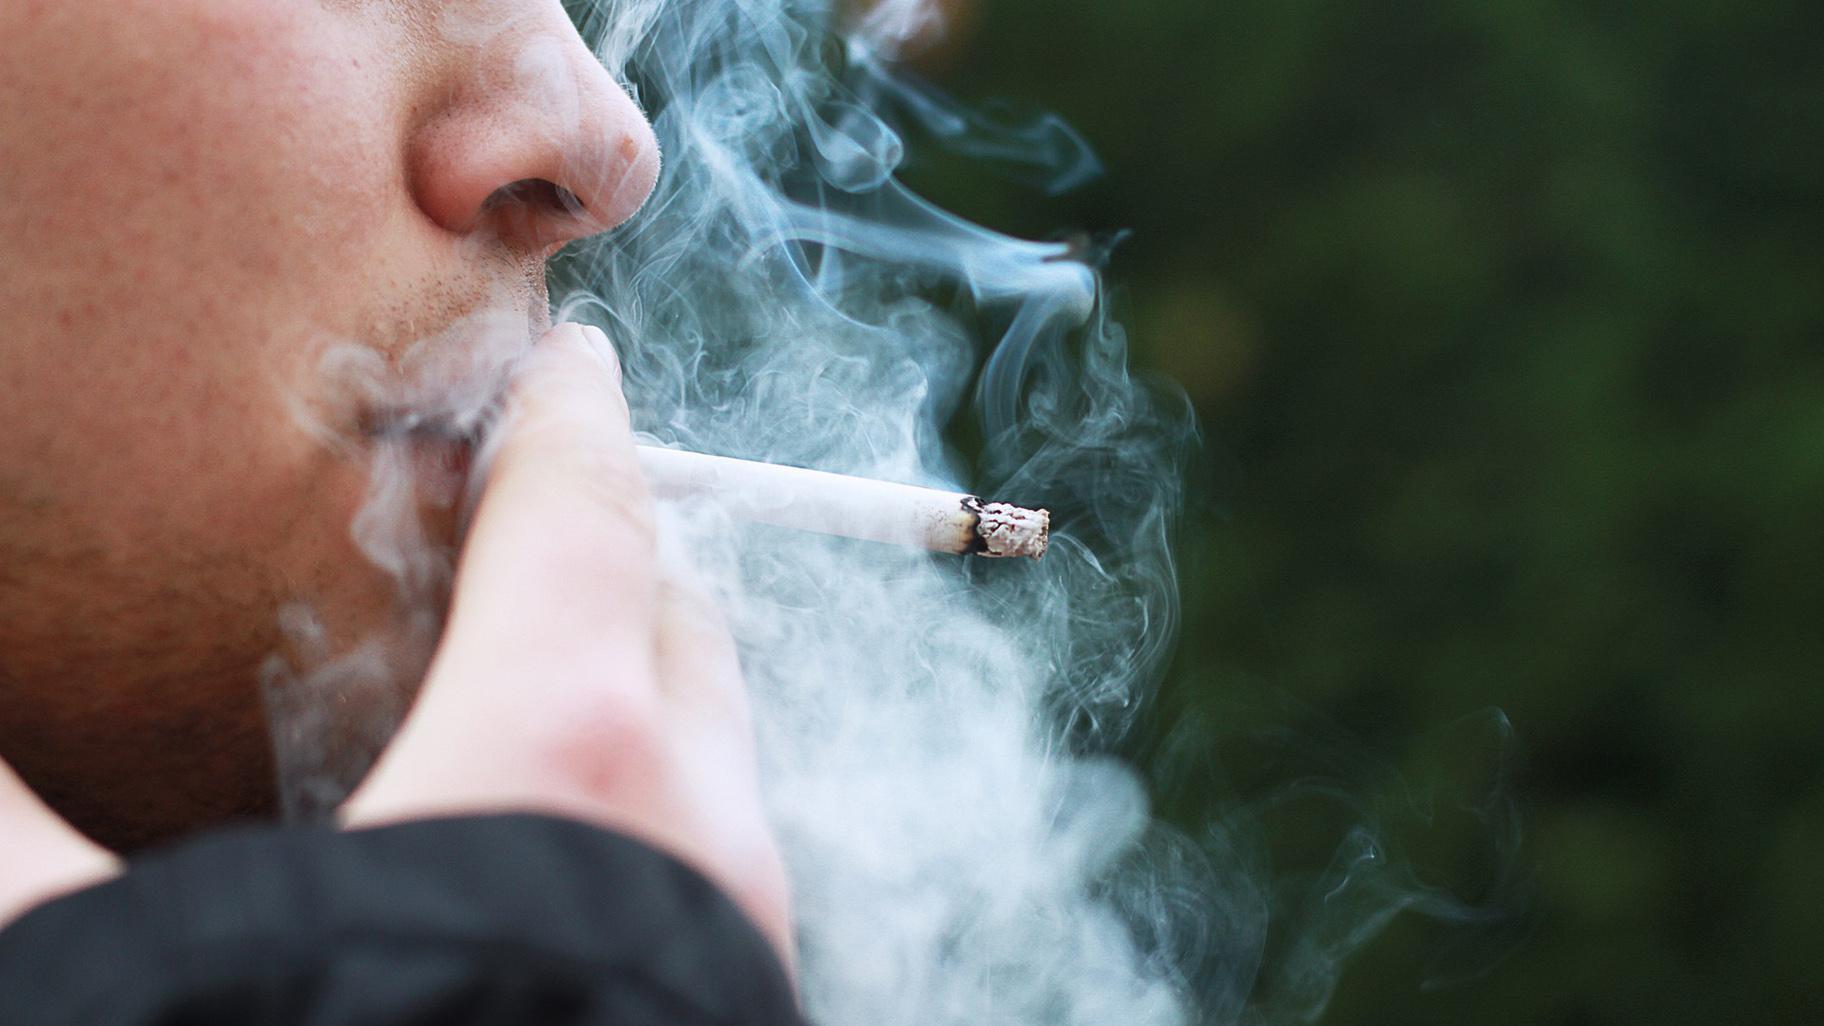 Illinois Raises Smoking Age to 21 | Chicago News | WTTW